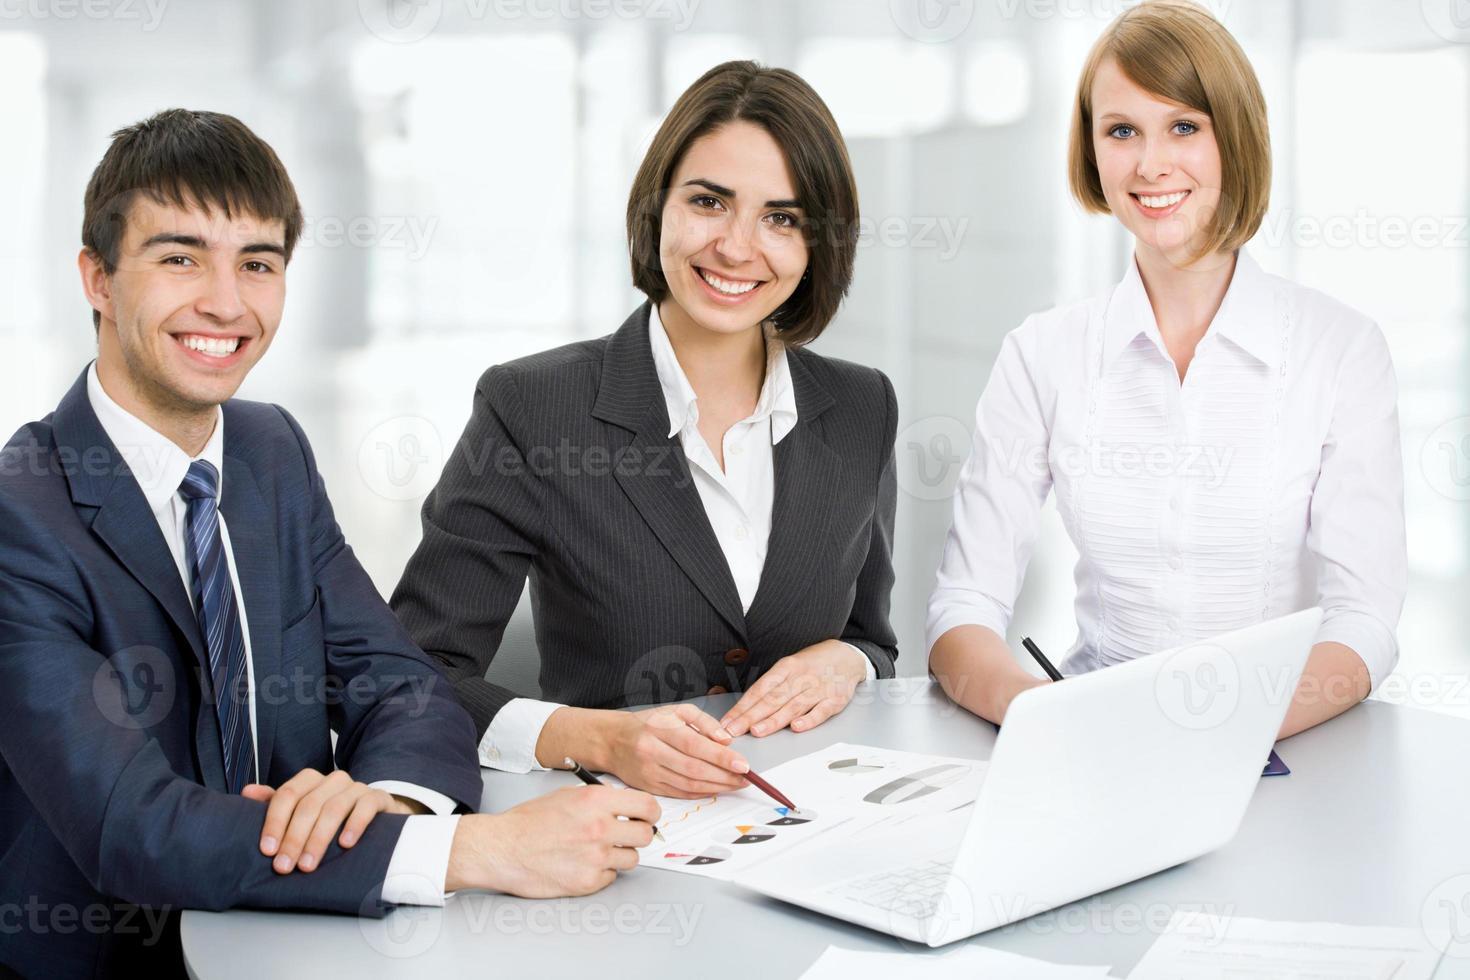 jonge mensen uit het bedrijfsleven. teamwork. foto